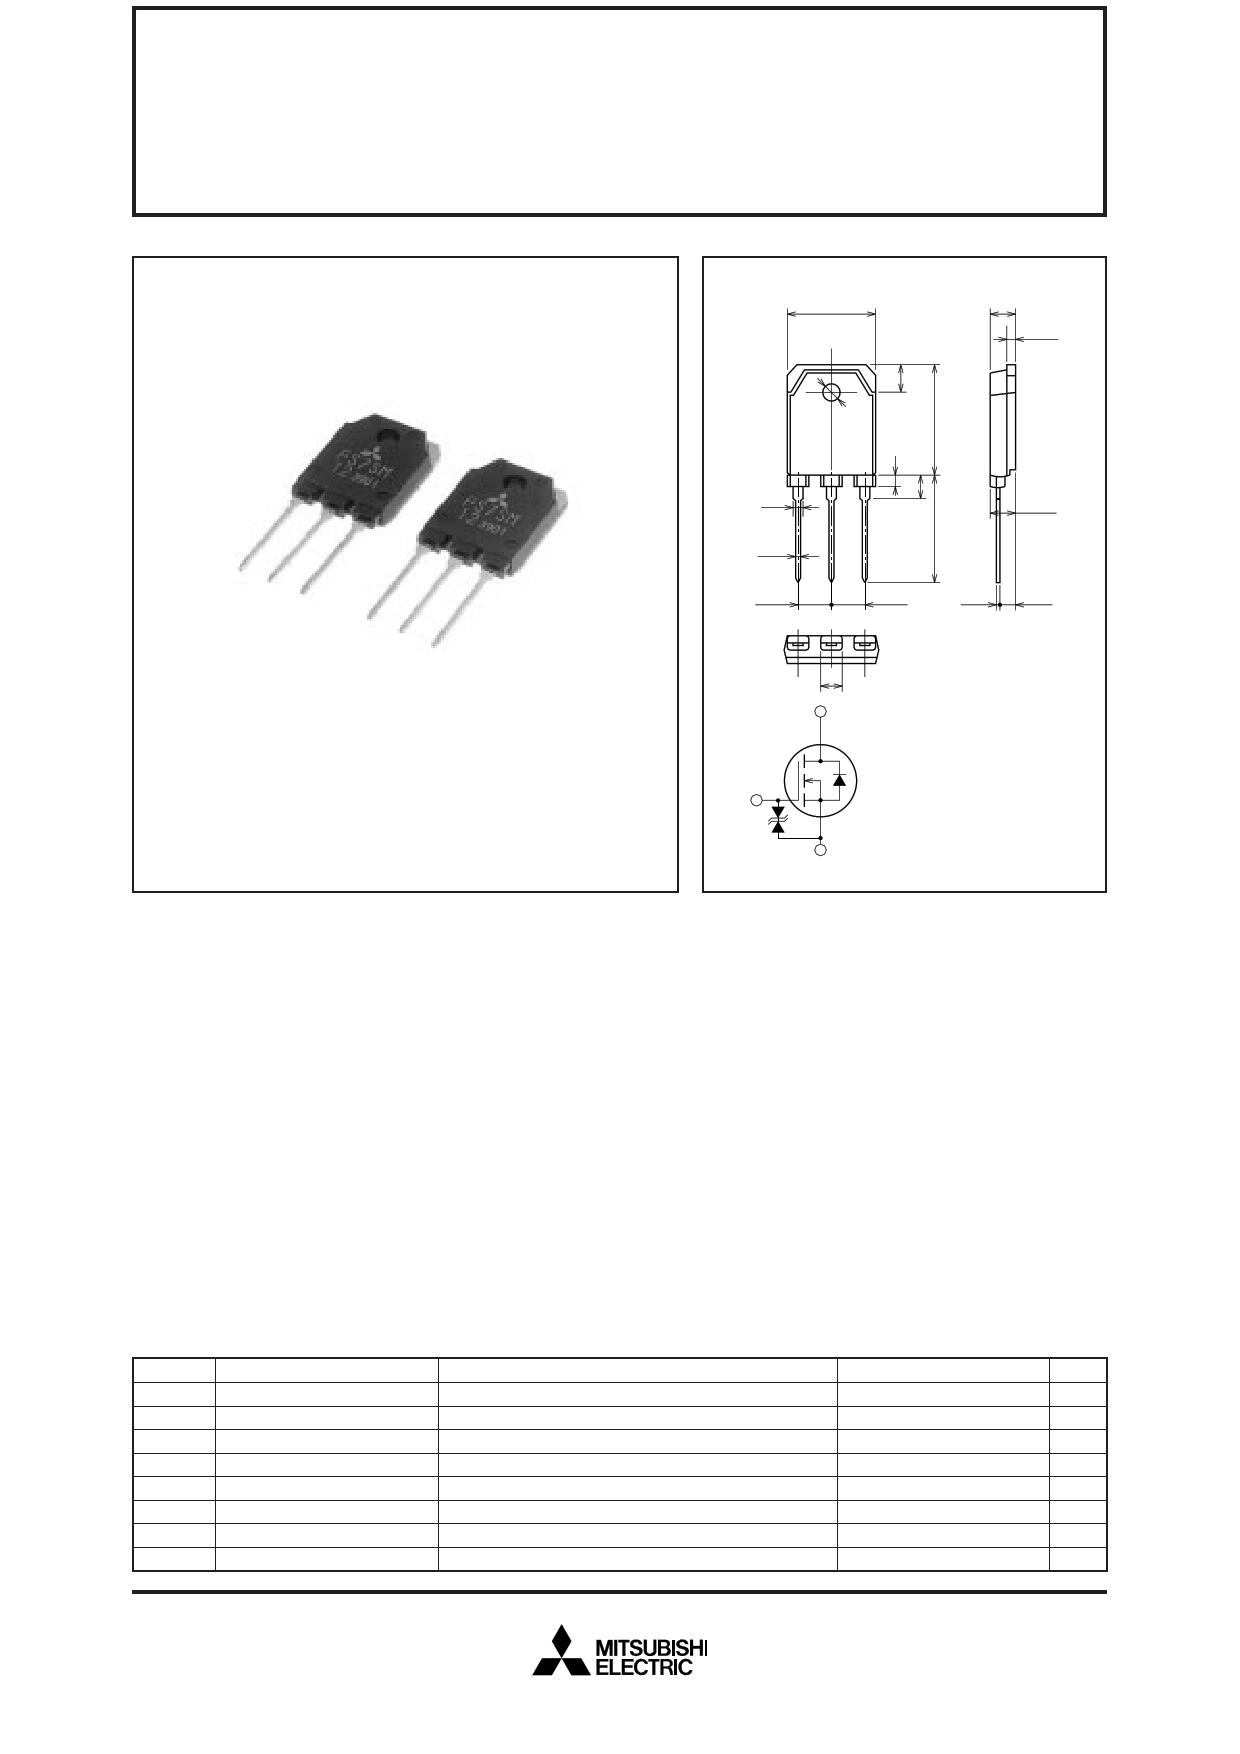 FS7SM-12 datasheet